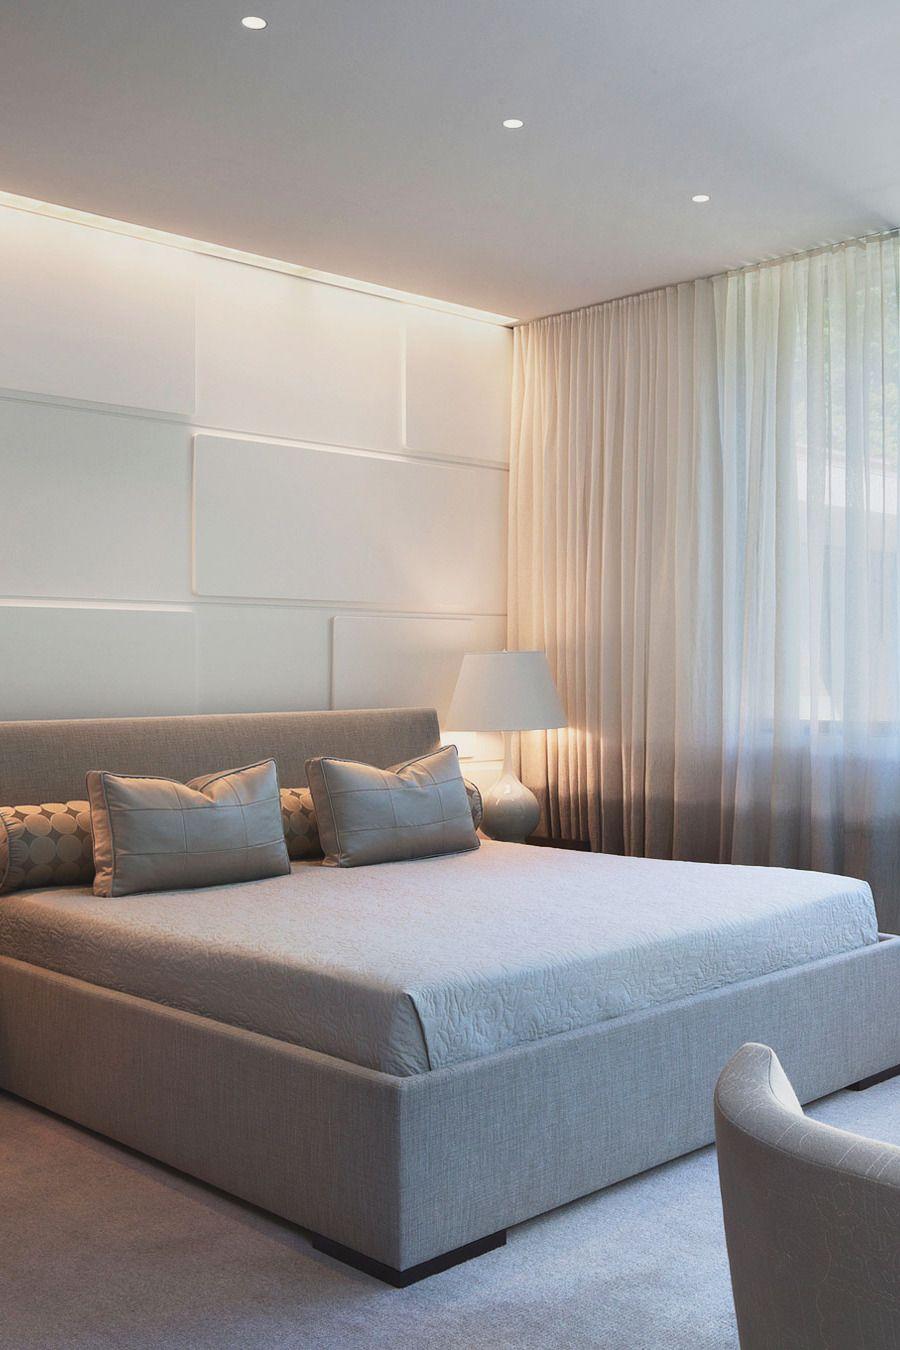 Letto A Soffitto Matrimoniale Design.Illuminazione Camera Da Letto Guida 25 Idee Per Un Ambiente